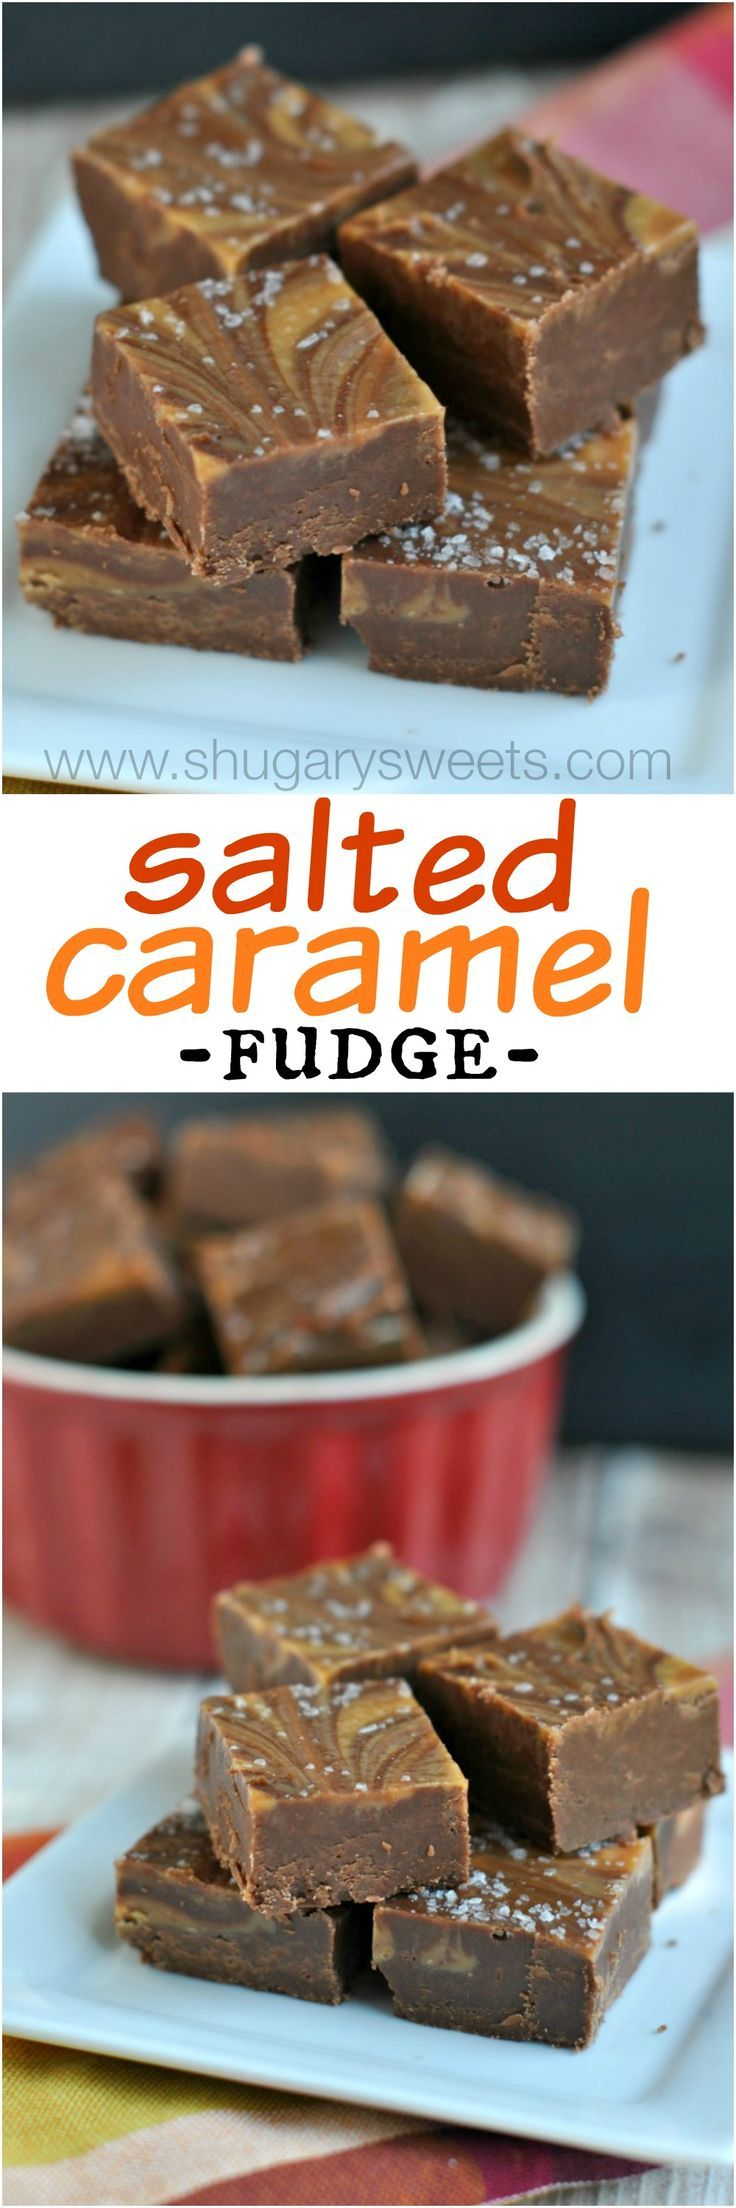 Salted Caramel Fudge Recipe